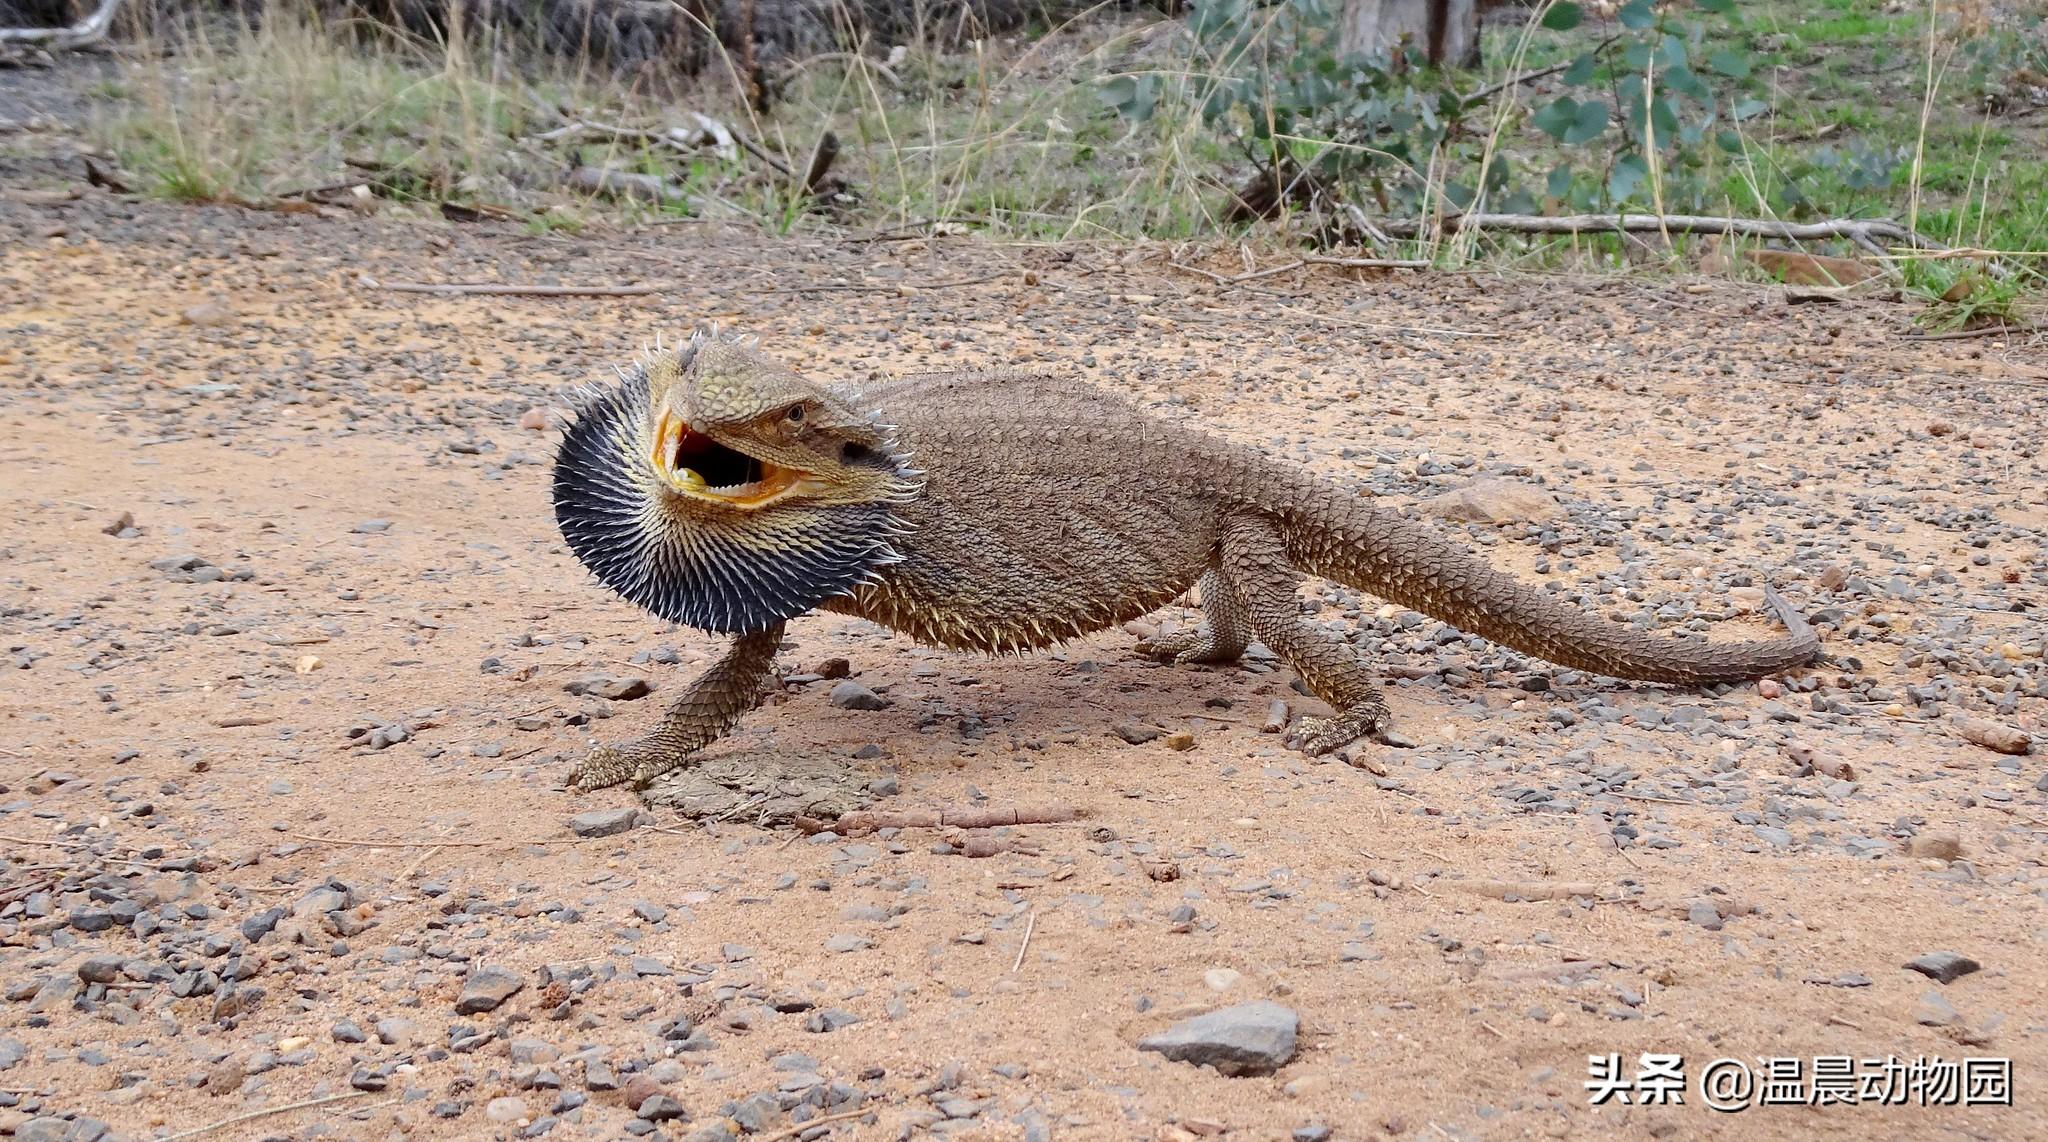 鬃狮蜥养起来还算比较省心,但是新手铲屎官需要事先了解这些信息